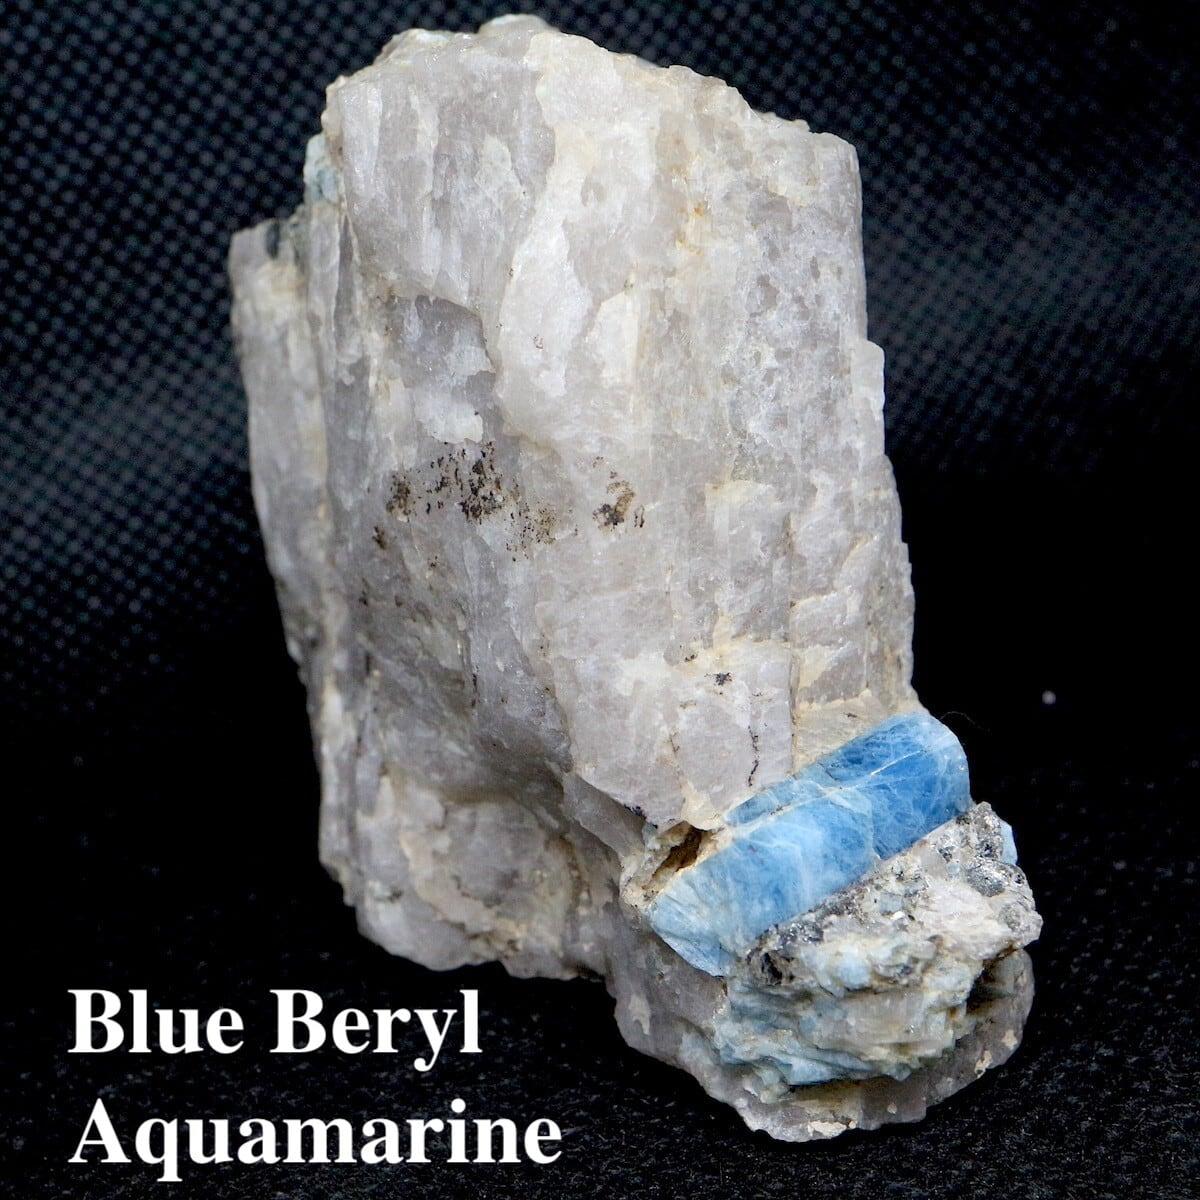 ブルーベリルアクアマリン カリフォルニア産  133,8g 原石 AQ109 鉱物 原石 天然石 パワーストーン